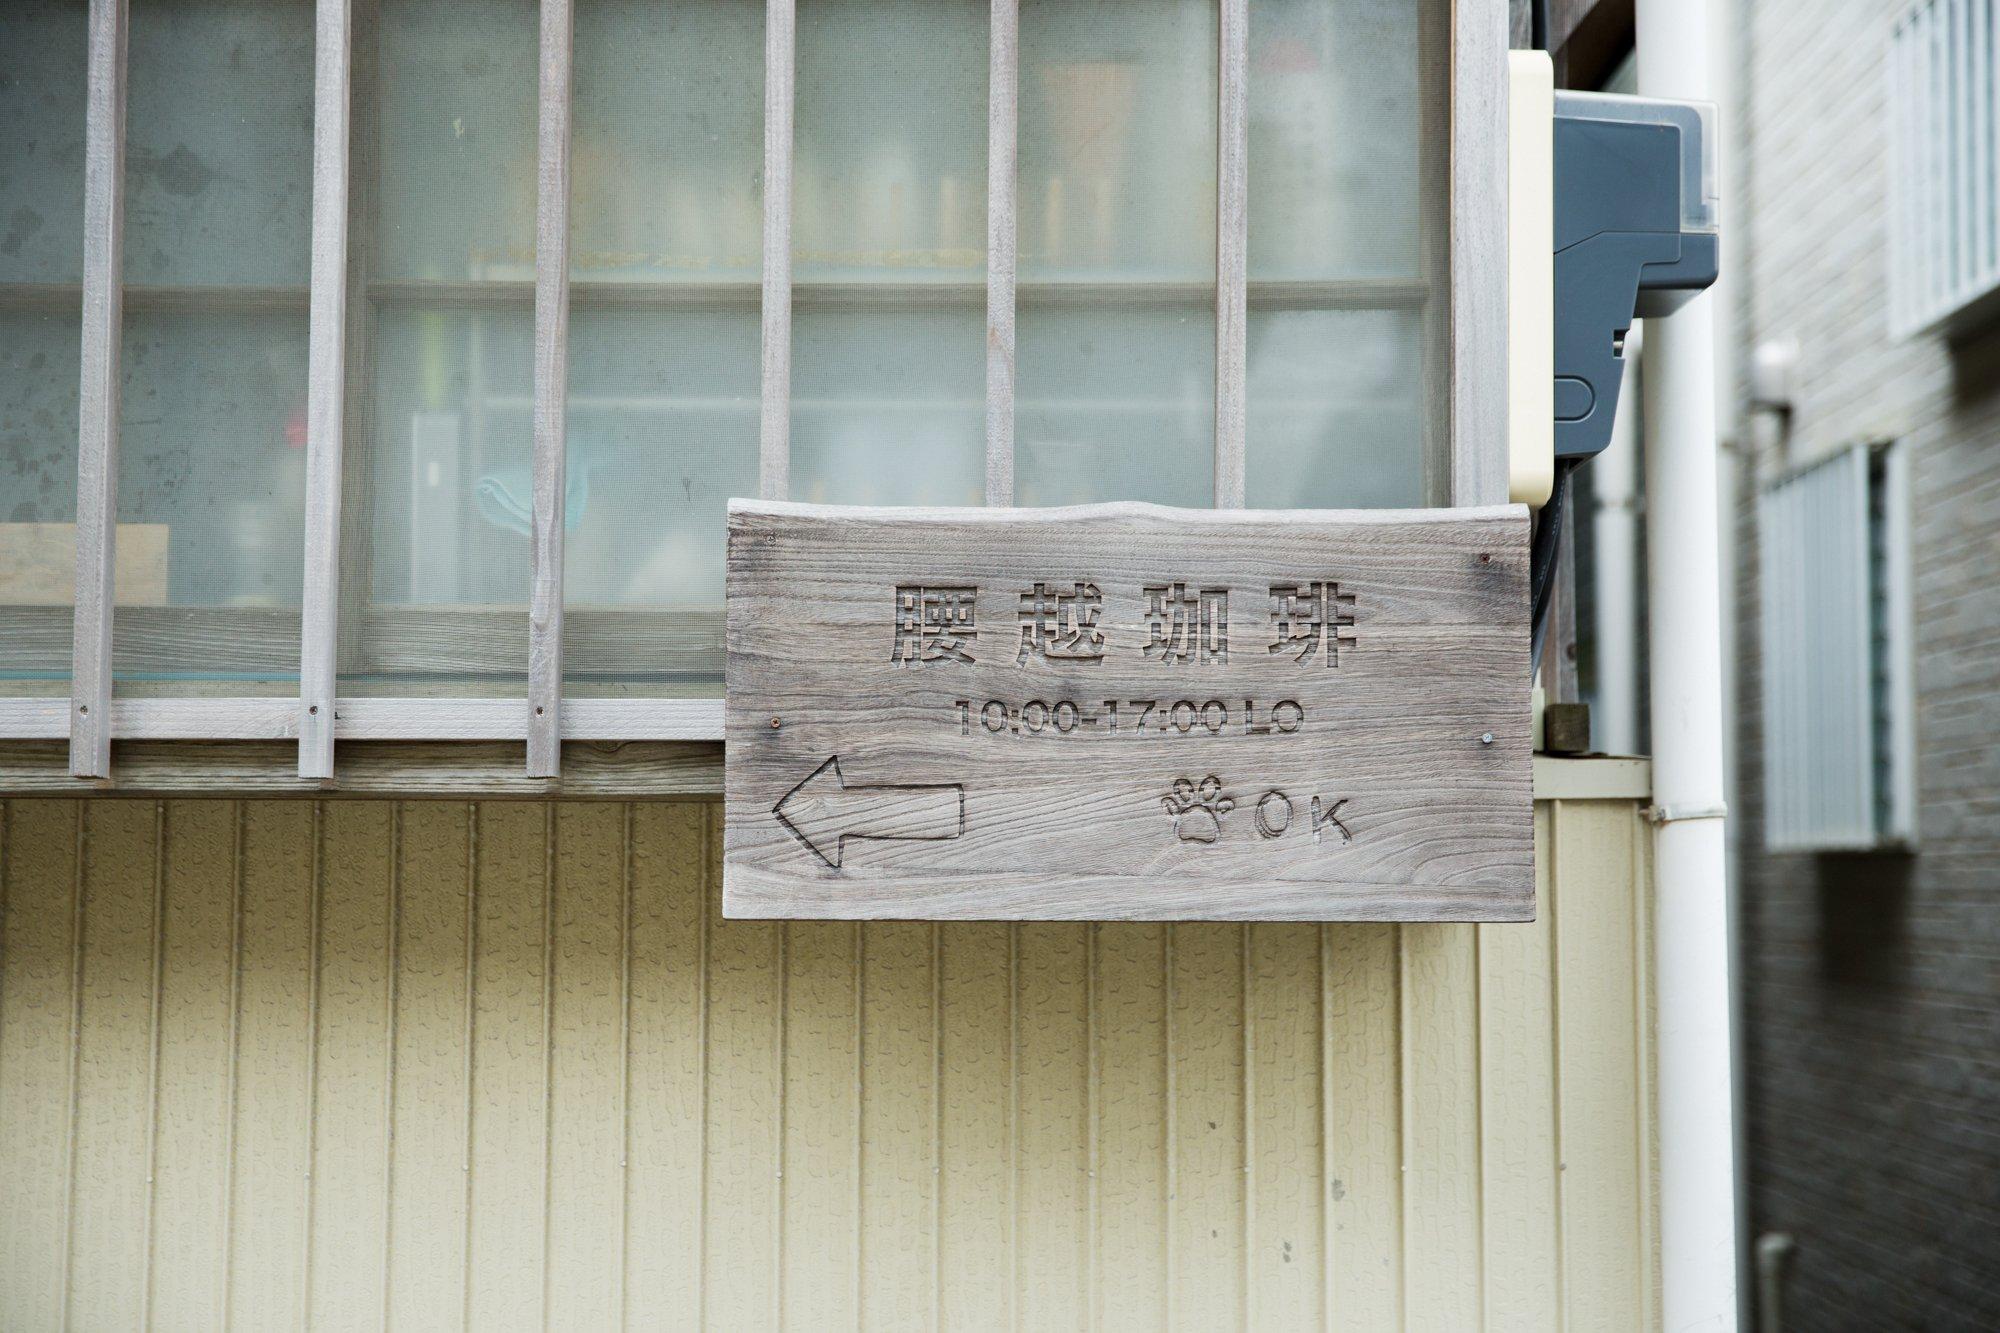 腰越珈琲の看板